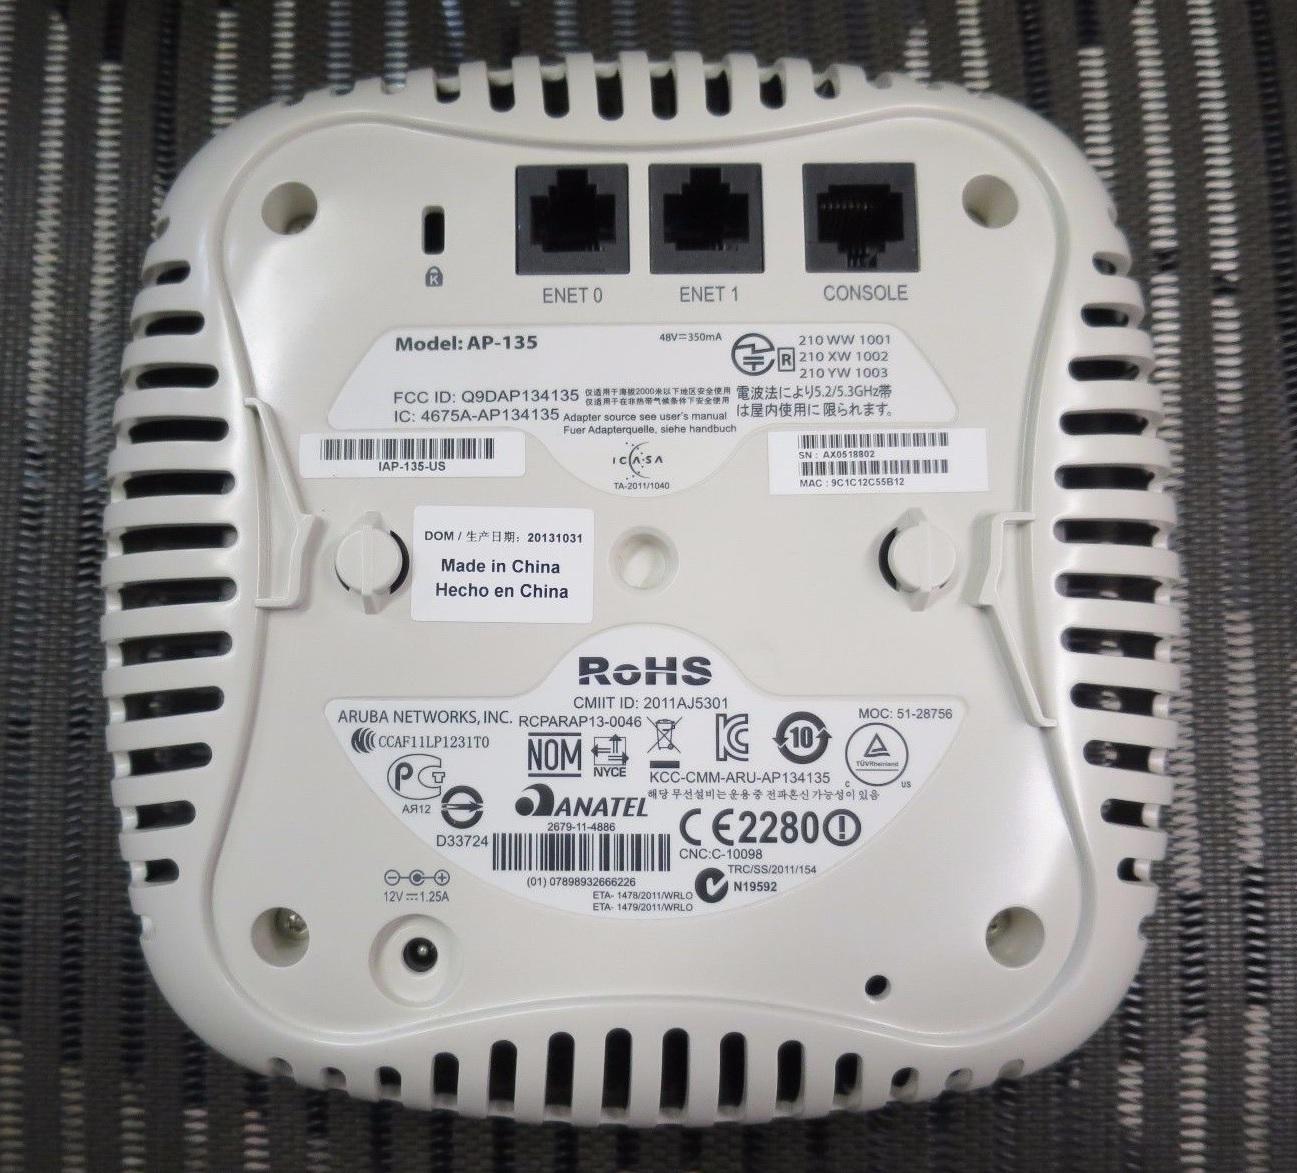 Thiết bị phát wifi Aruba AP-135 hoặc IAP-135